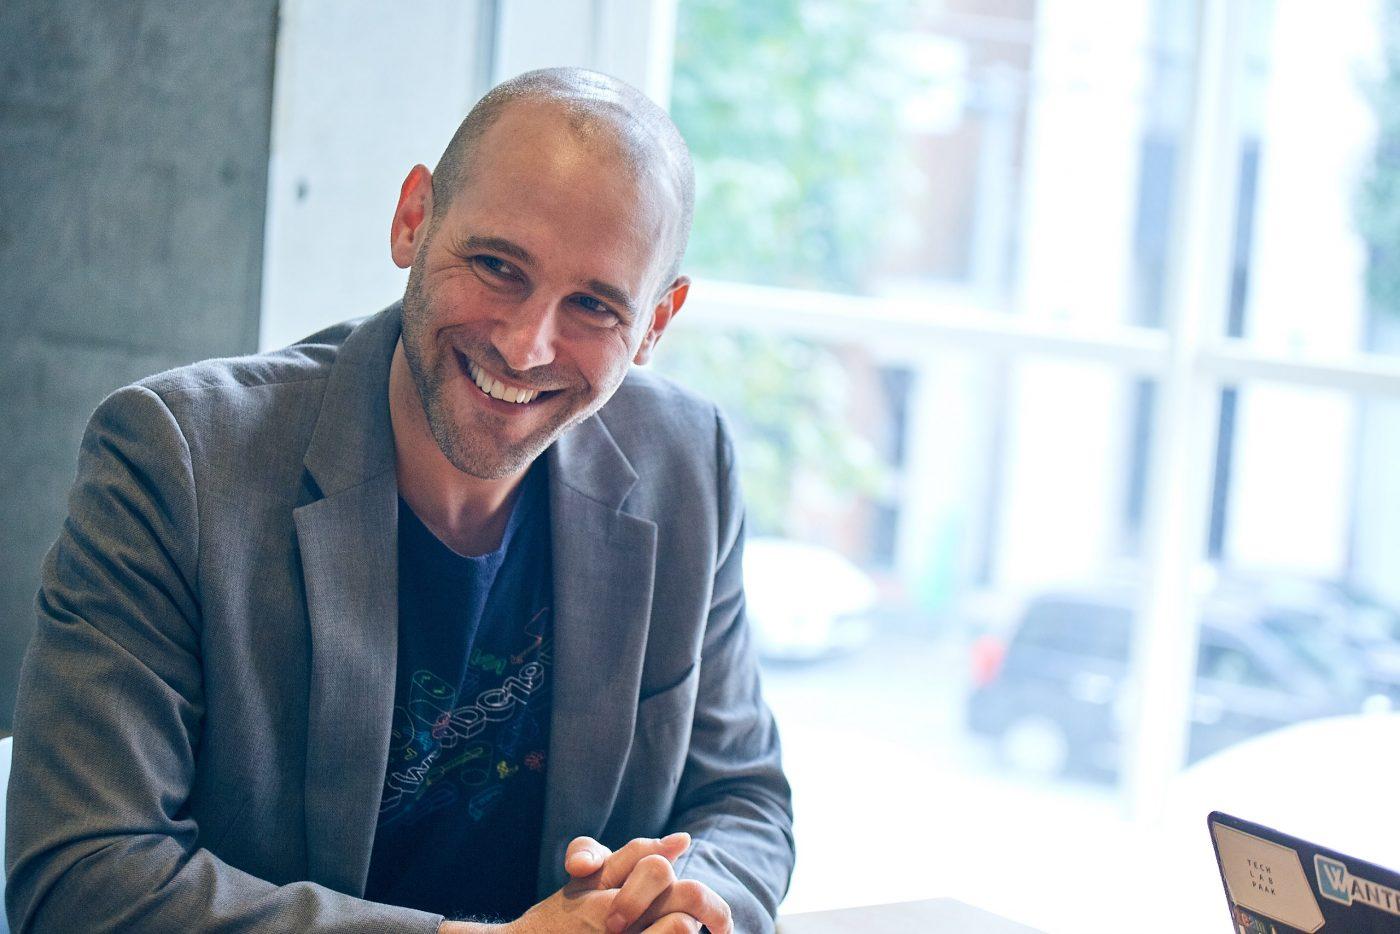 ポール チャップマン マネーツリー CEO 豪モナシュ大学、埼玉大学卒業。外国人起業家